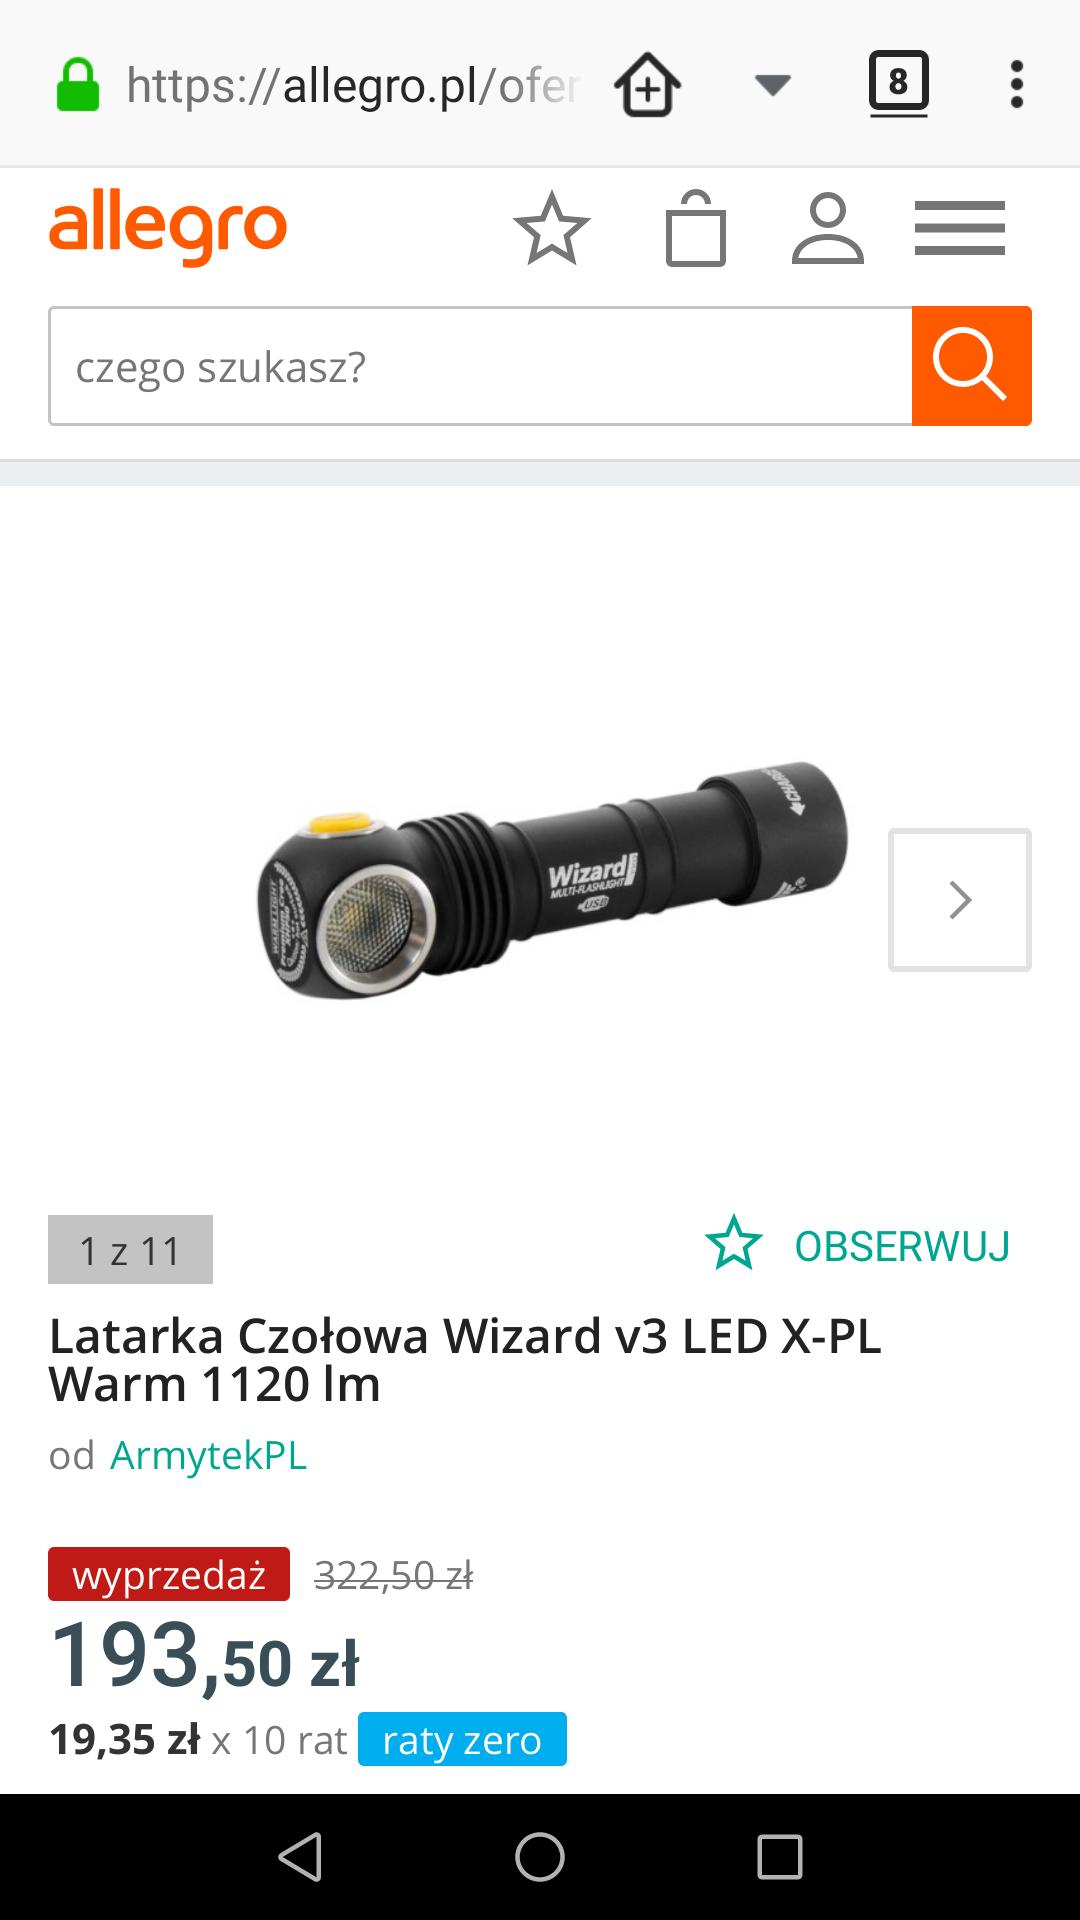 Latarka Czołowa Wizard v3 LED X-PL Warm